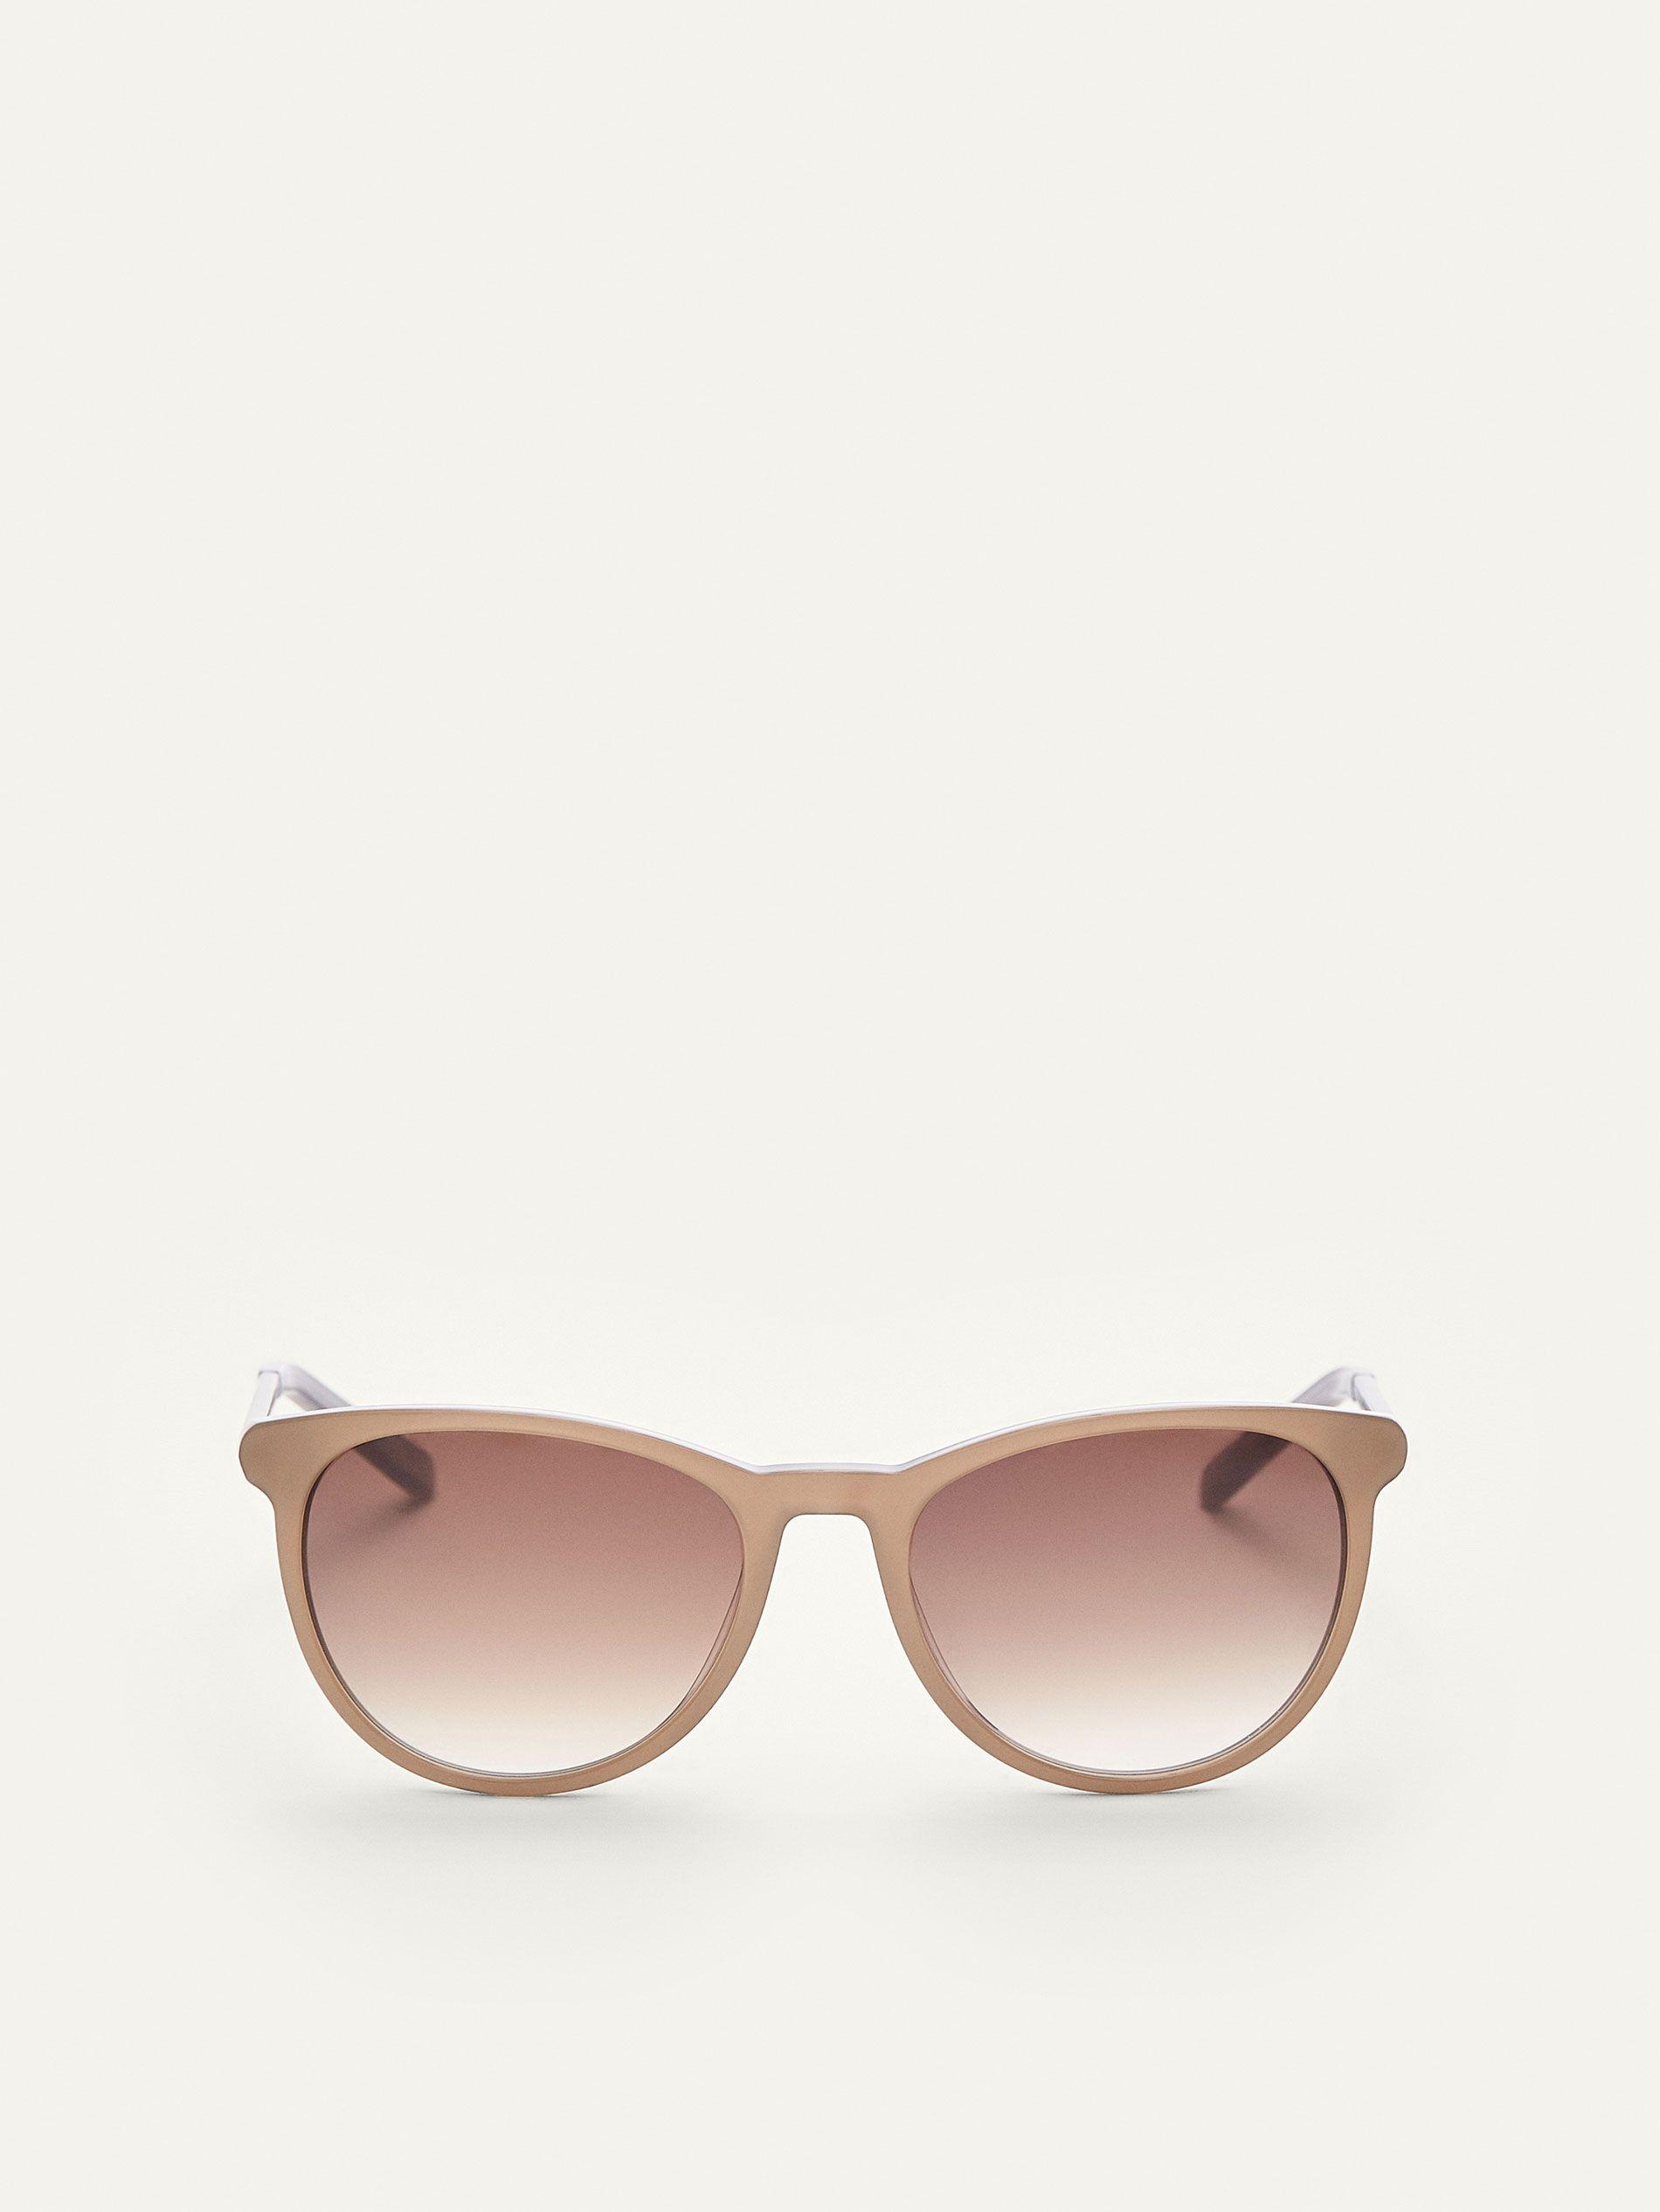 Gafas de sol con montura de pasta gris topo, lentes con filtro de ...